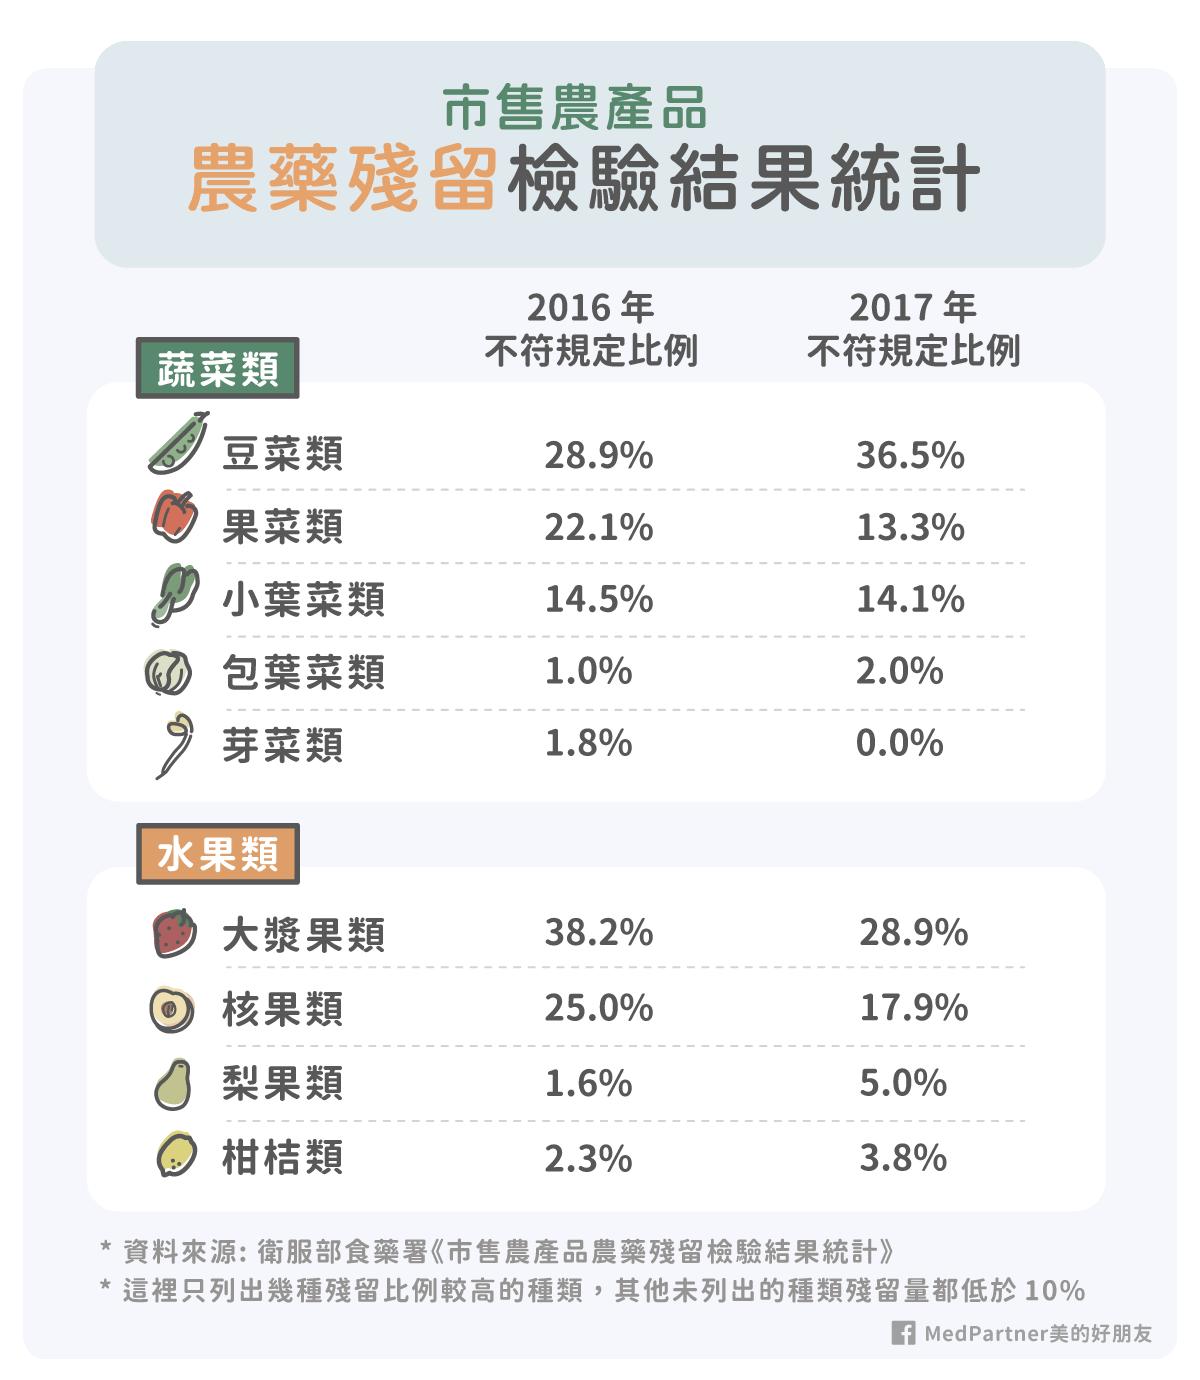 2016, 2017農藥殘留統計表